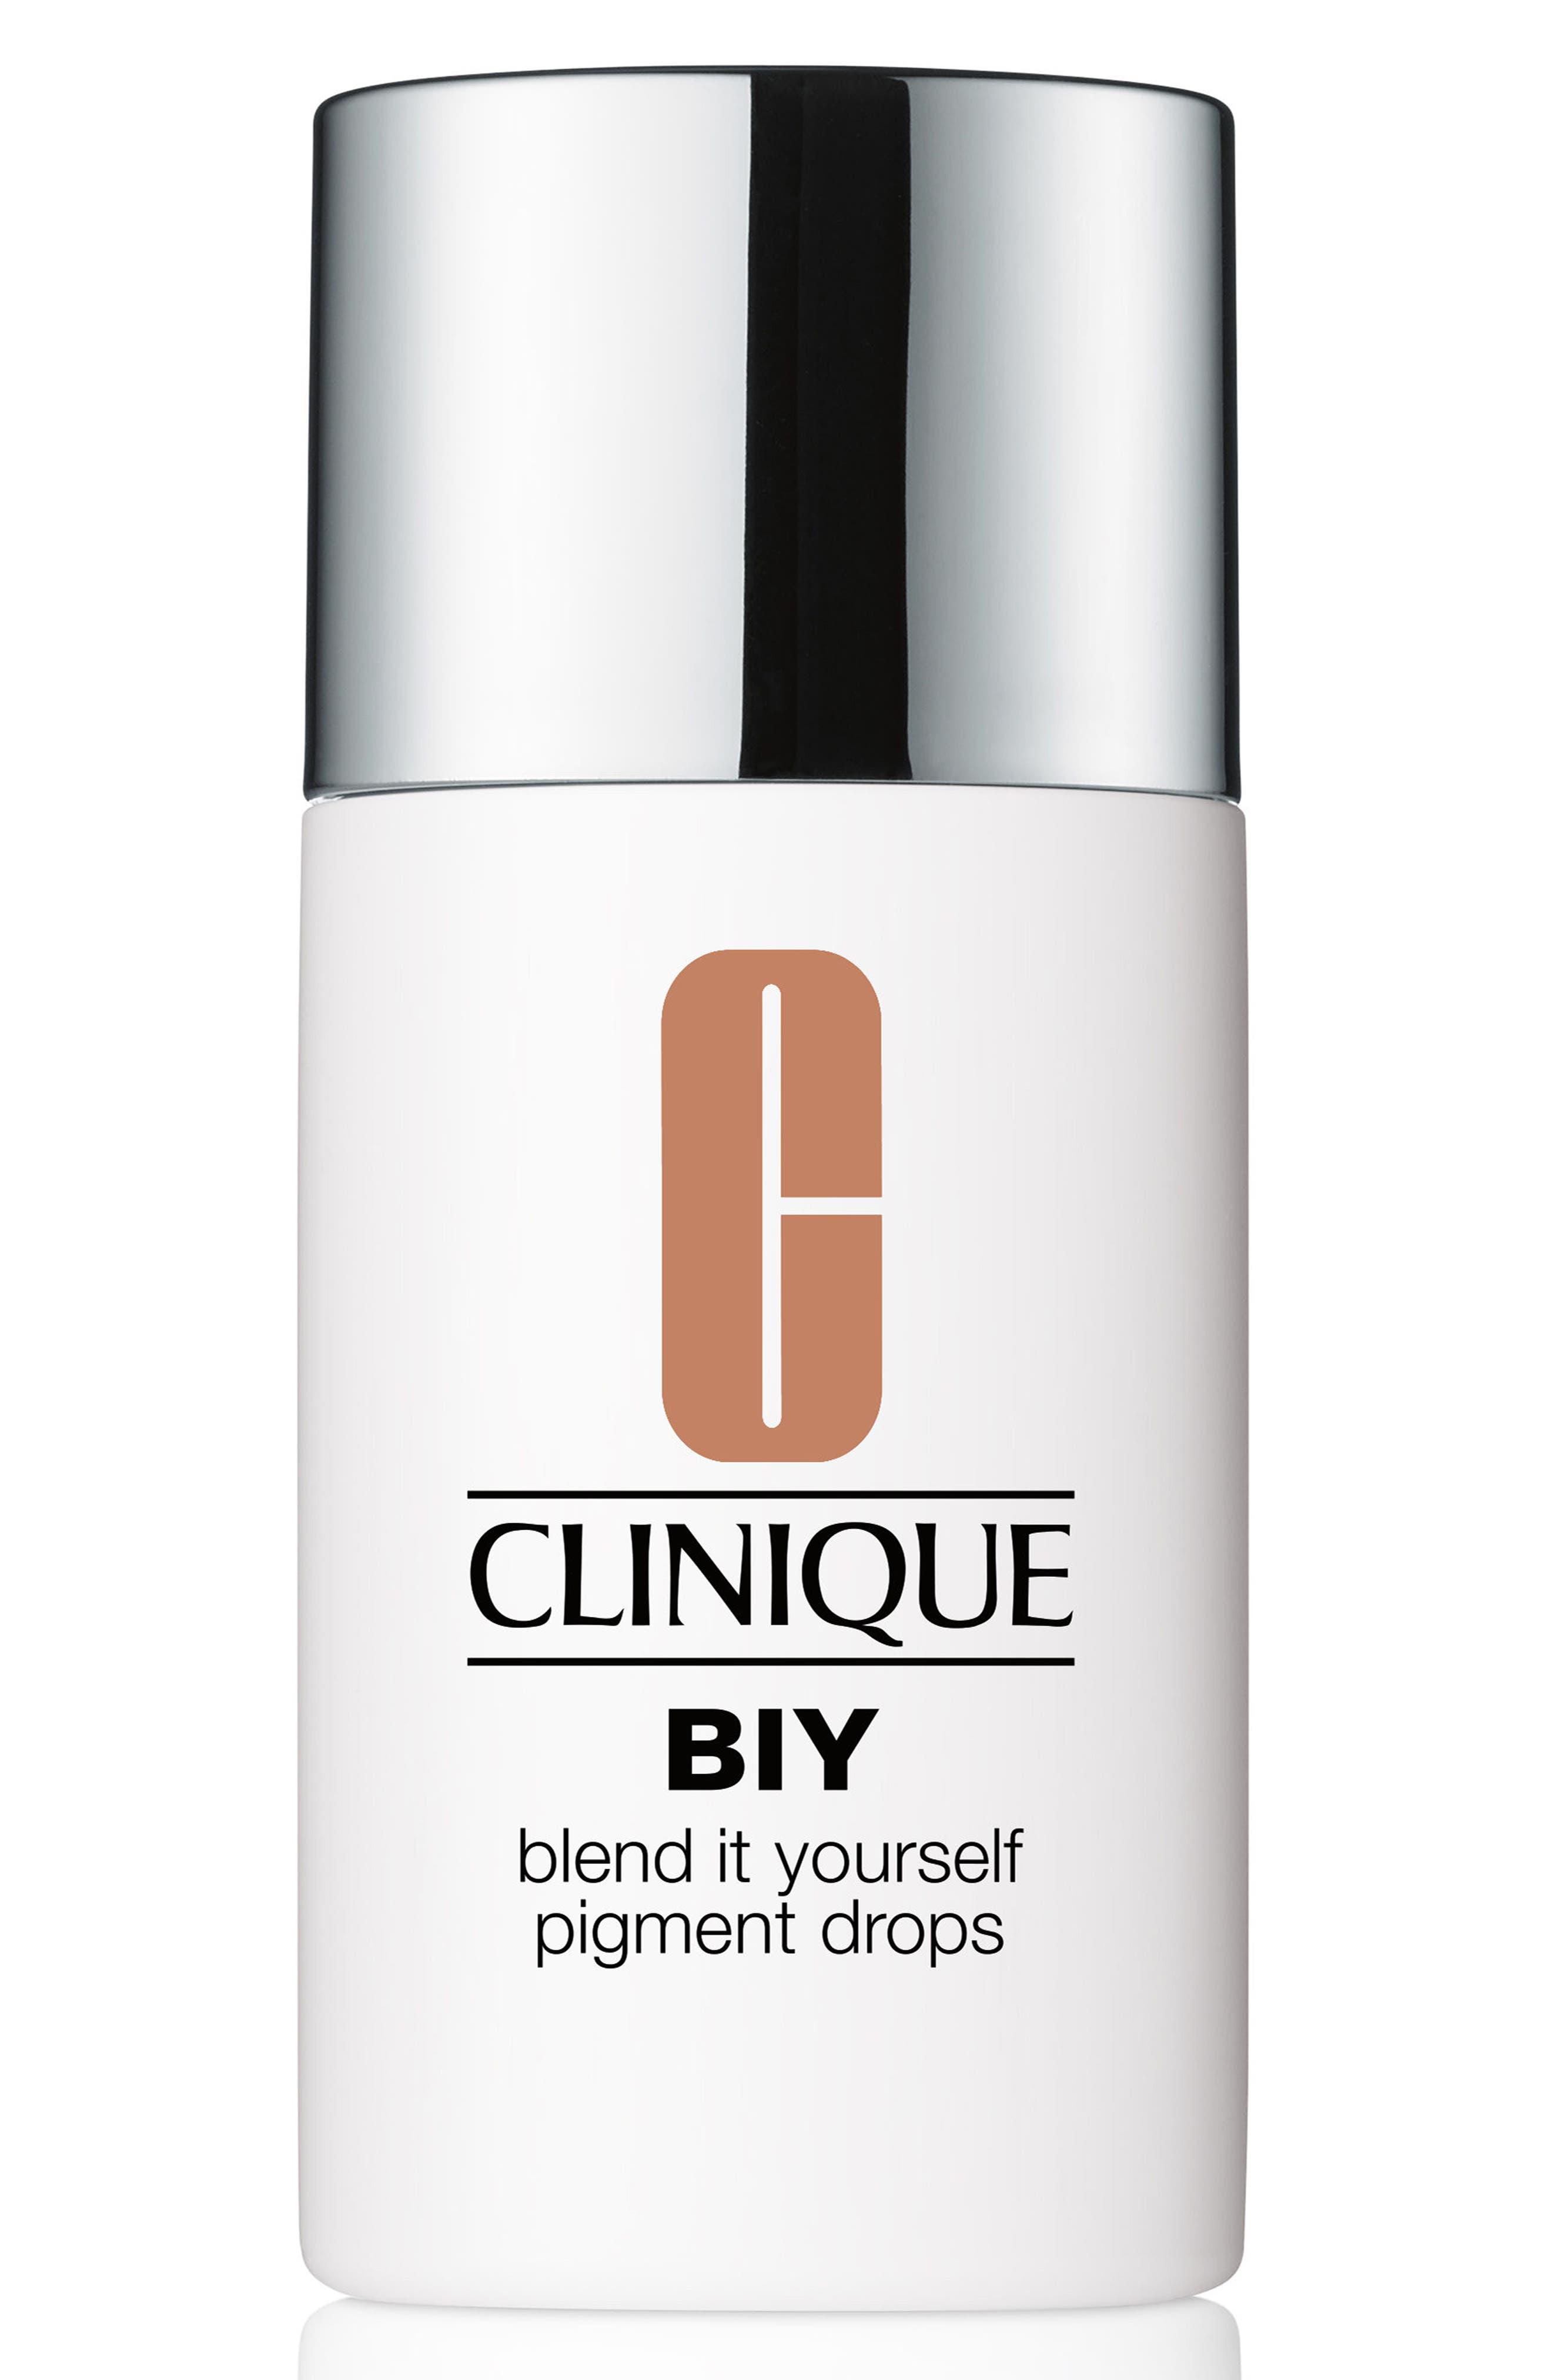 Clinique BIY Blend It Yourself Pigment Drops